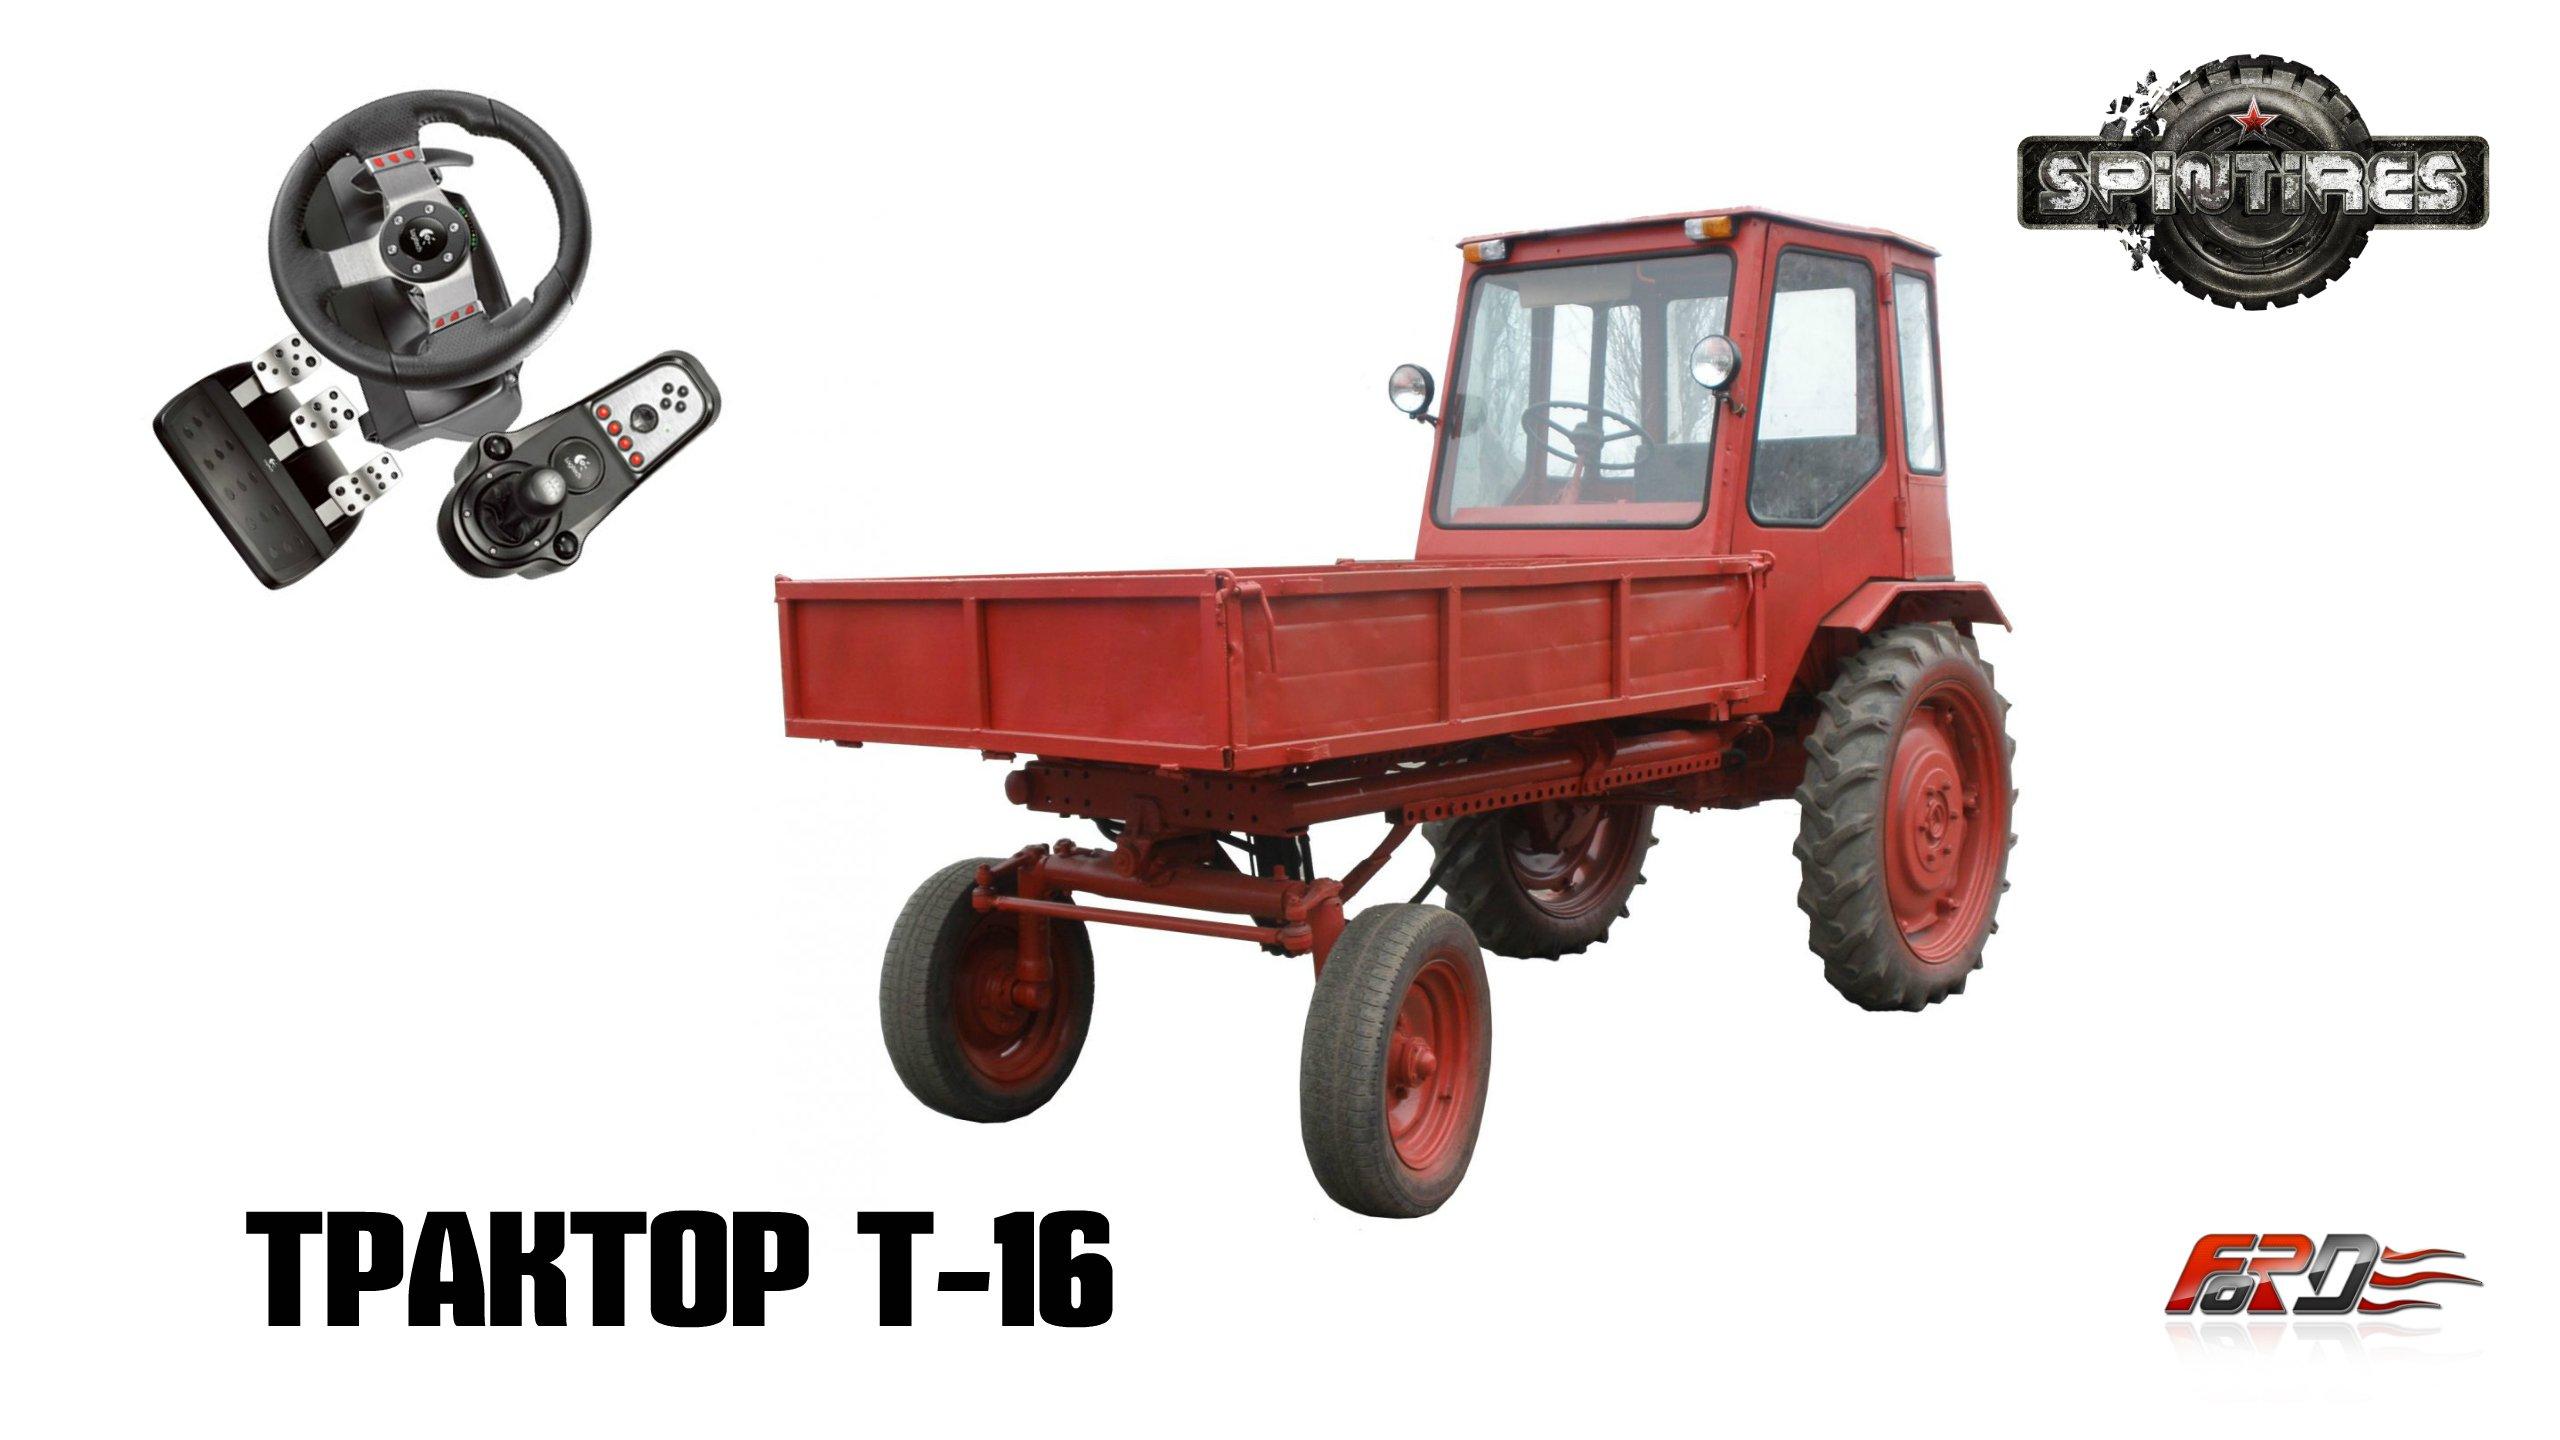 Т-16 трактор - обзор, тест-драйв советской техники и транспорта СССР в SpinTires 2016 - Изображение 1